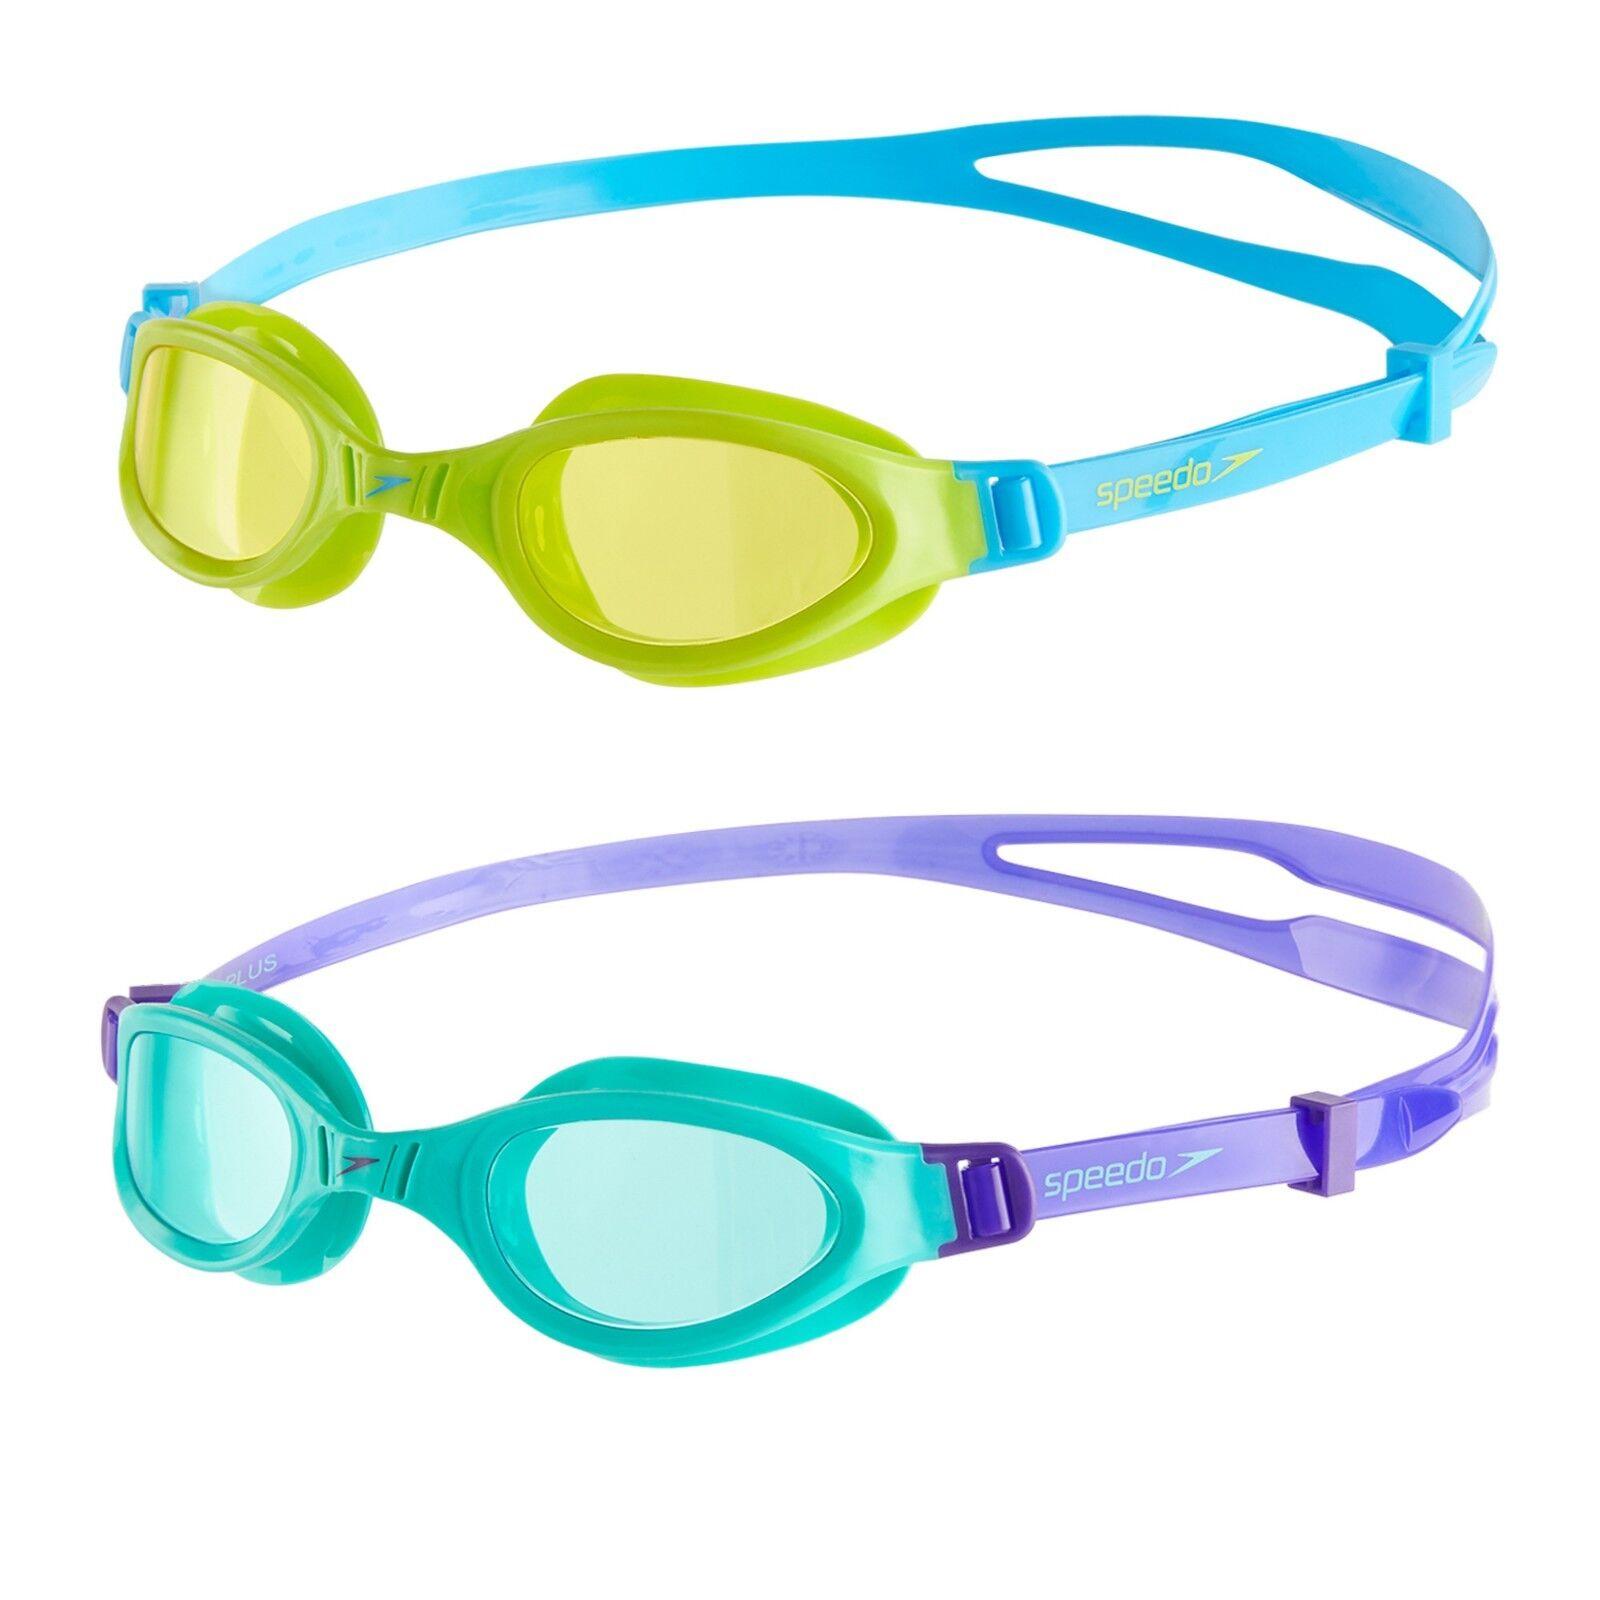 Schwimmbrille Speedo Futura Plus Junior Jungen Mädchen Kinder Taucherbrille 6-14